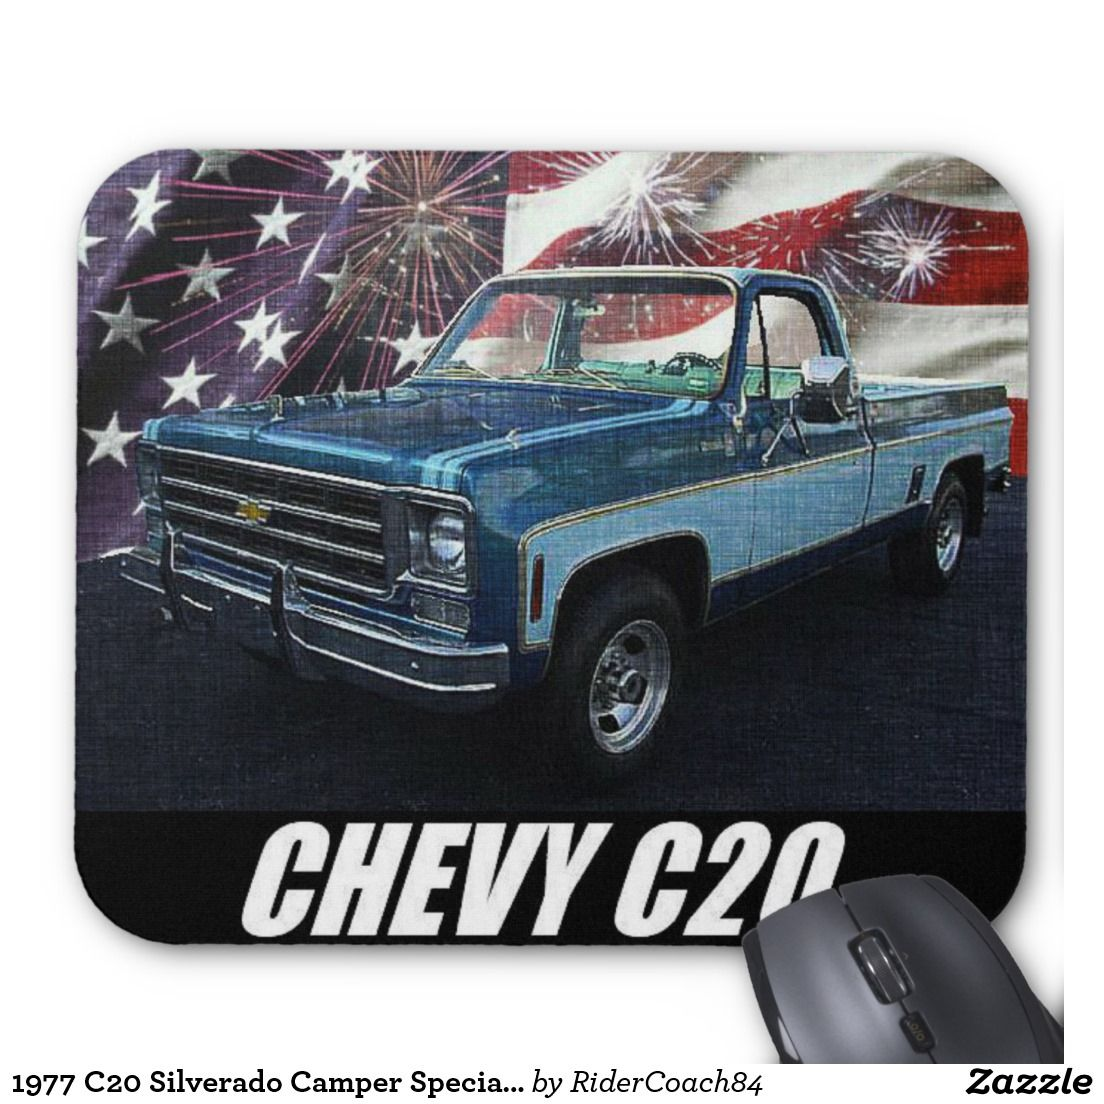 1977 c20 silverado camper special crew cab mouse pad